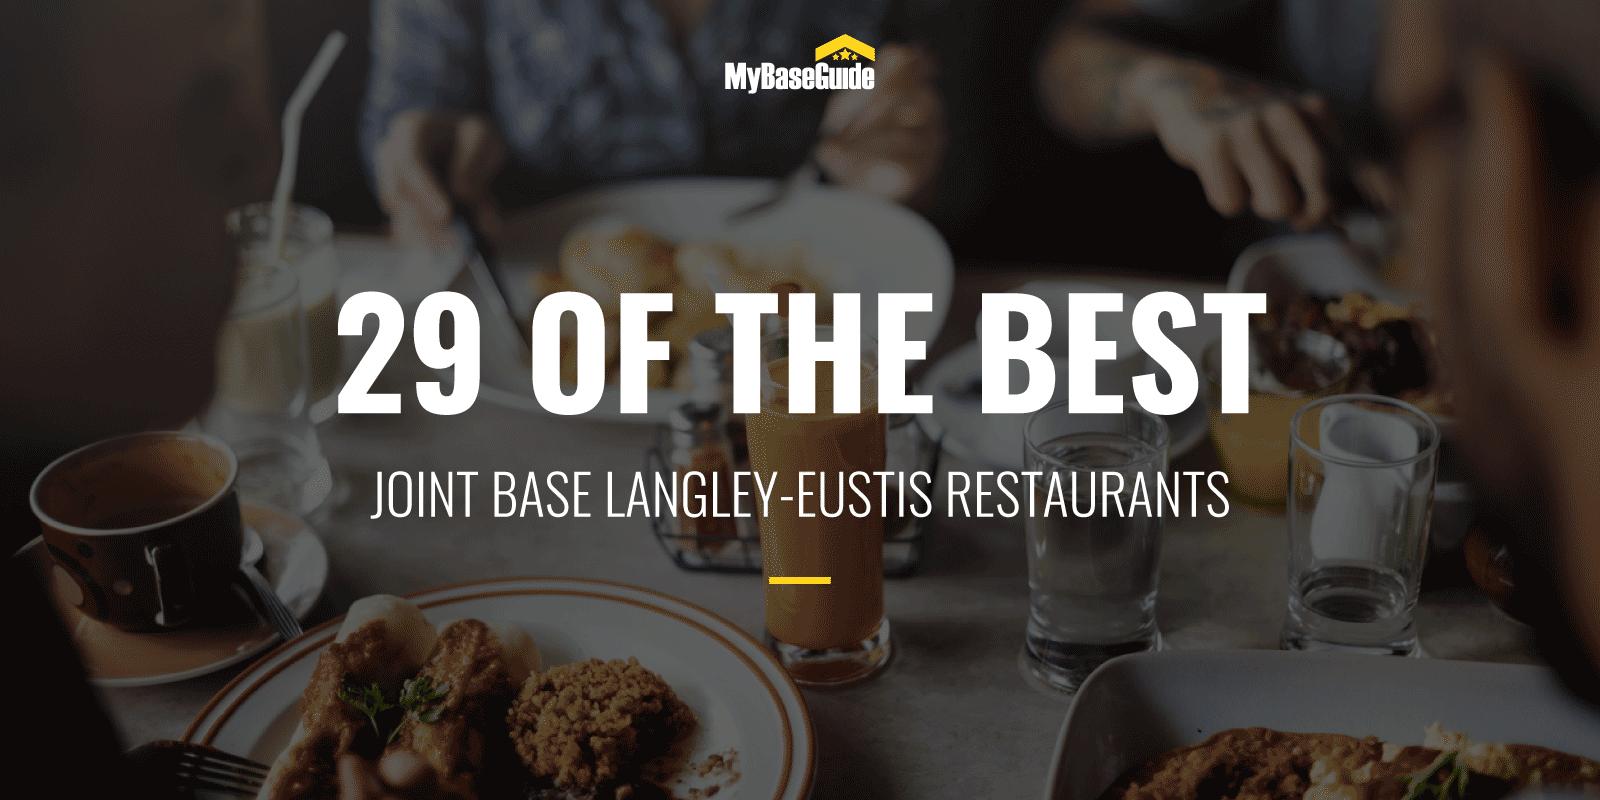 29 of the Best Joint Base Langley-Eustis Restaurants